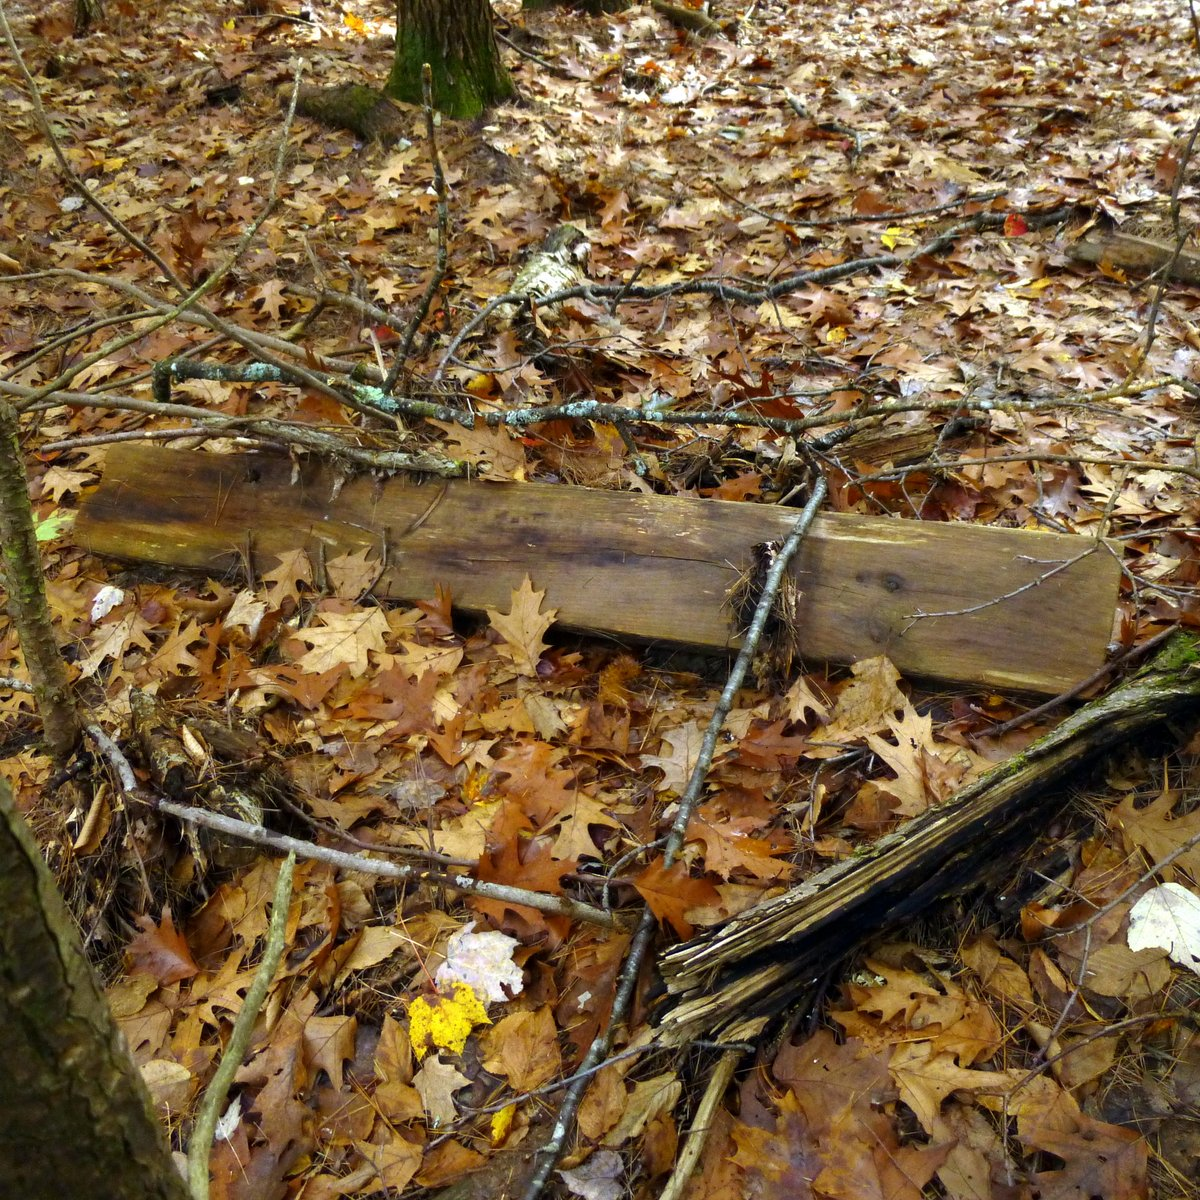 10. Board in Woods